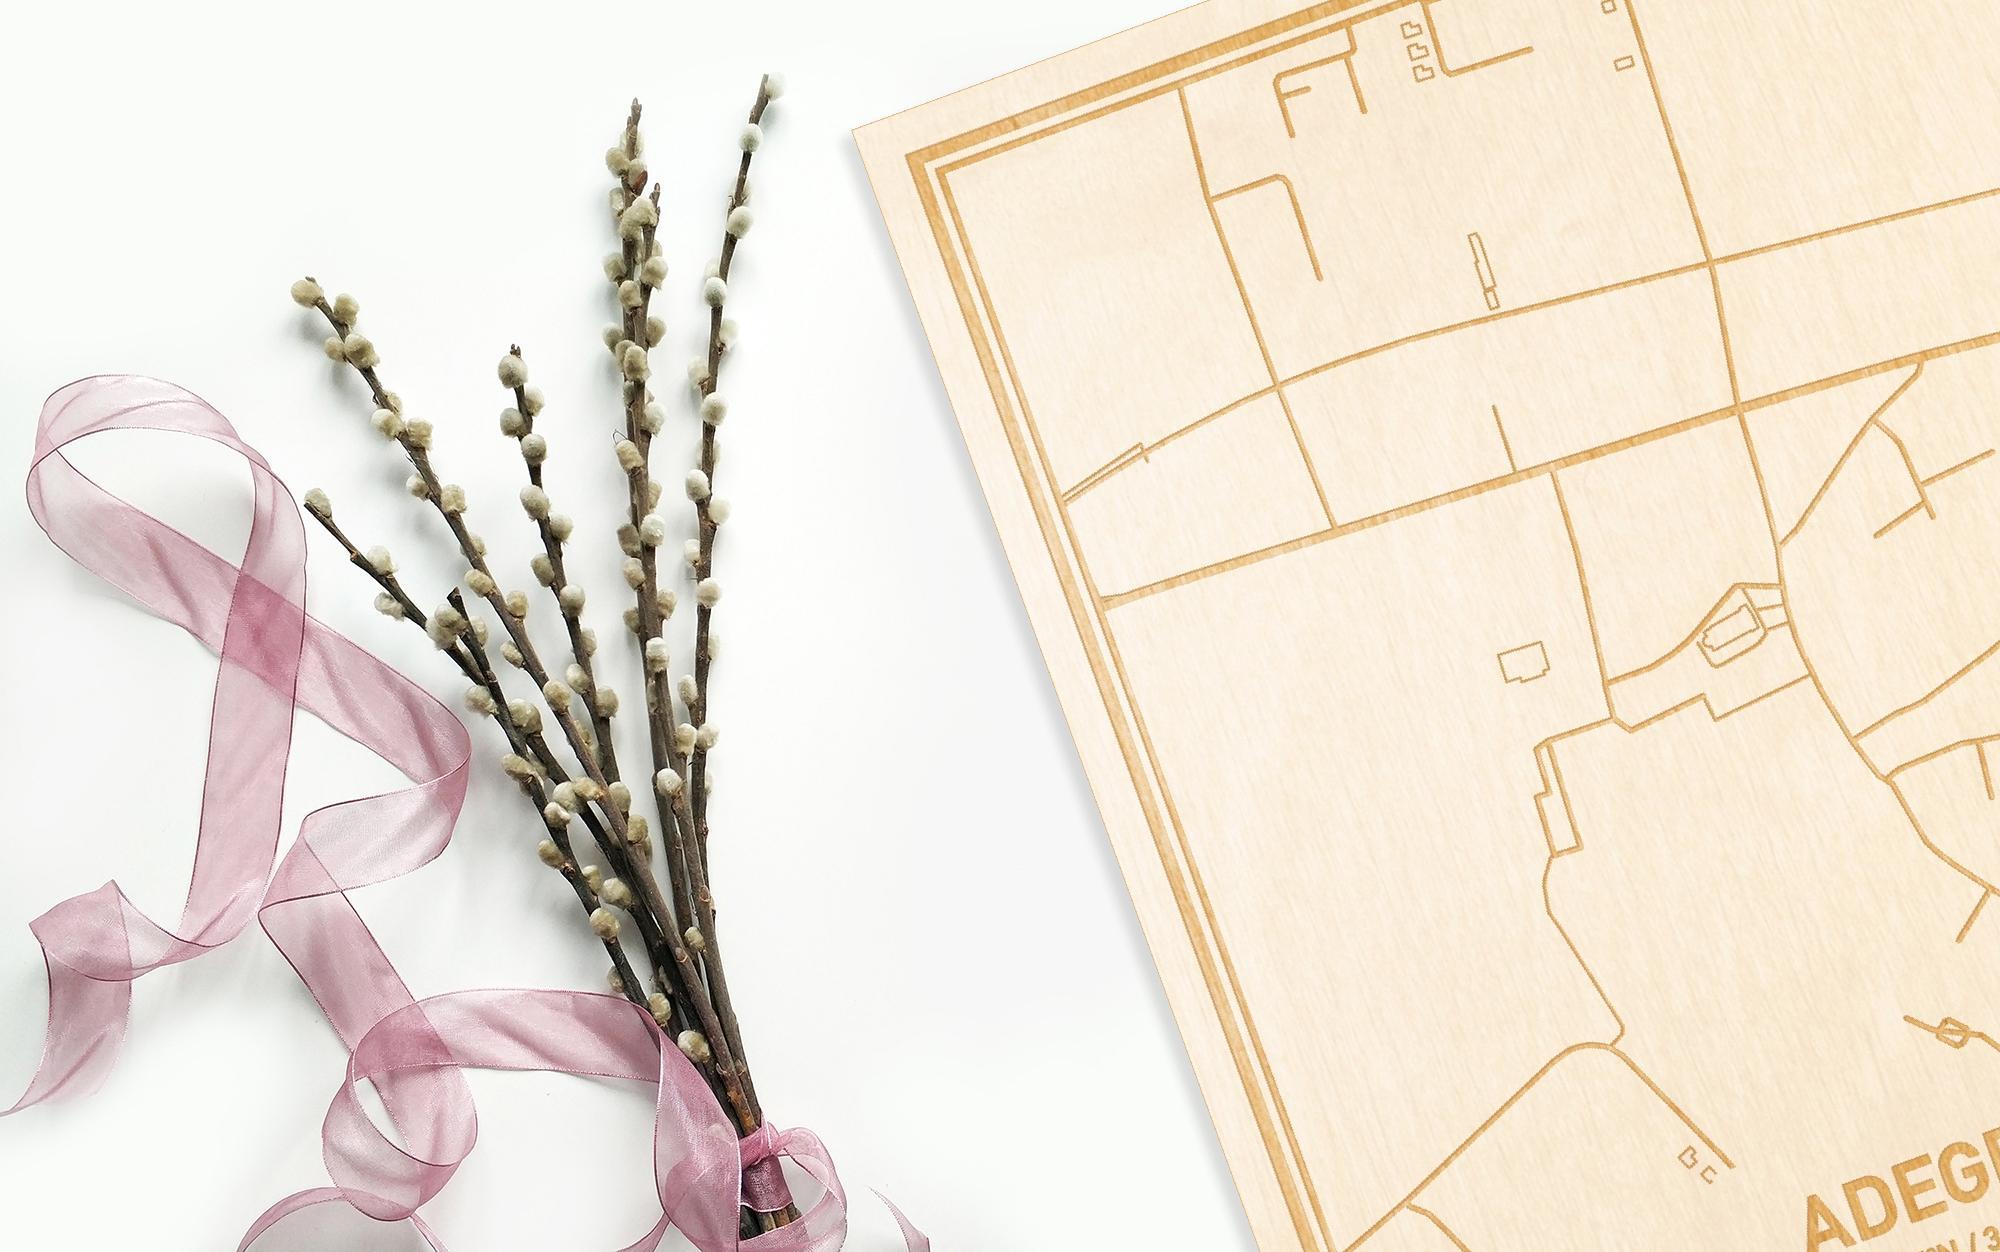 Hier ligt de houten plattegrond Adegem naast een bloemetje als gepersonaliseerd cadeau voor haar.